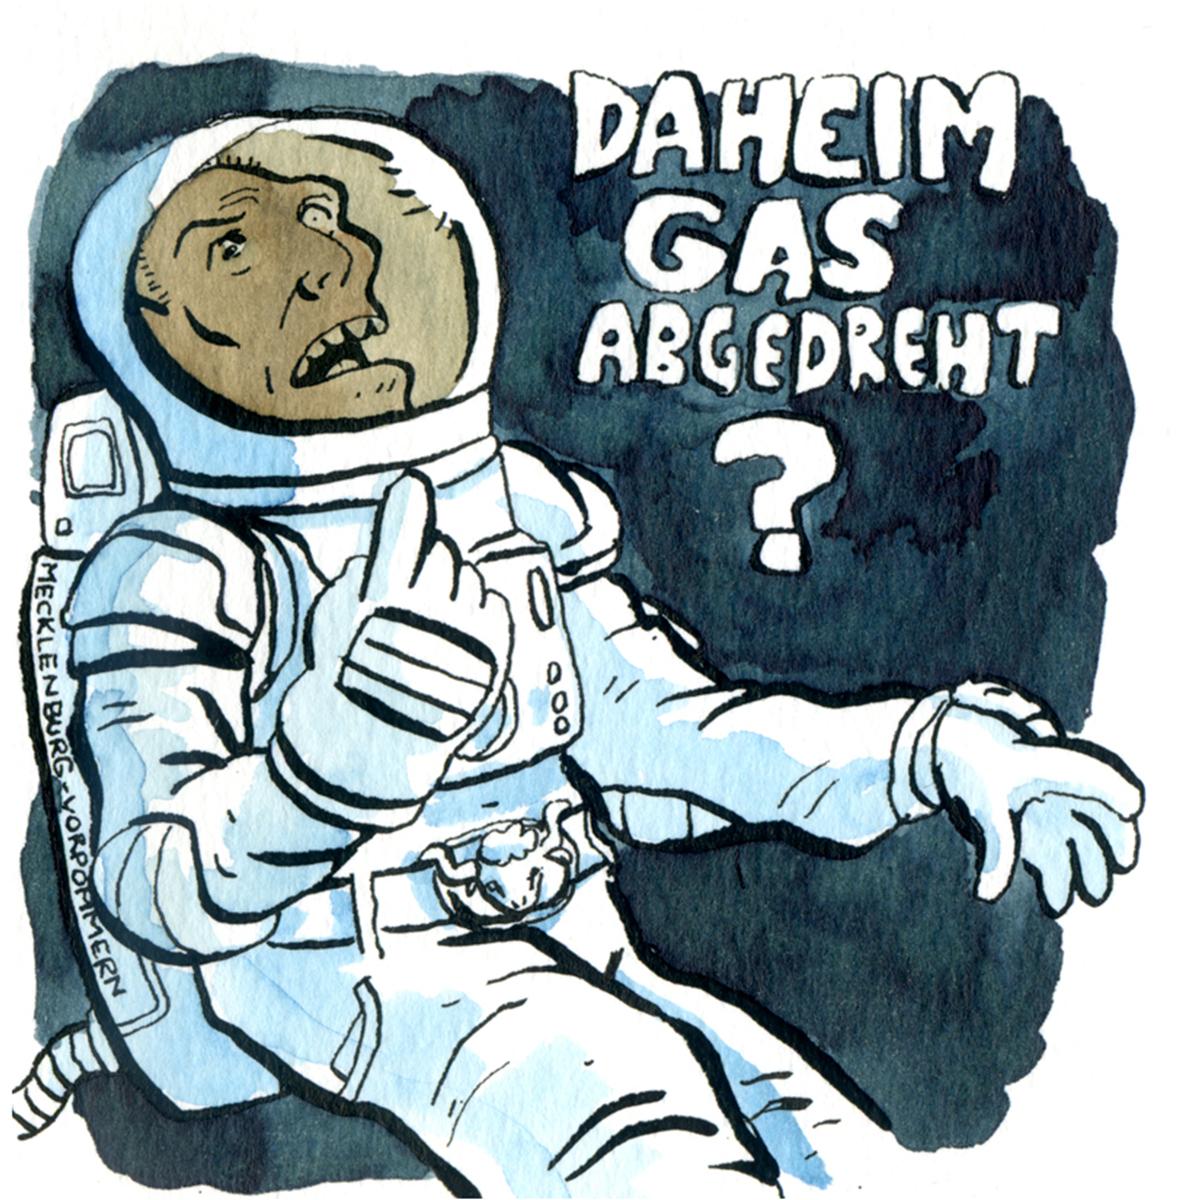 Daheim Gas abgedreht?_2011